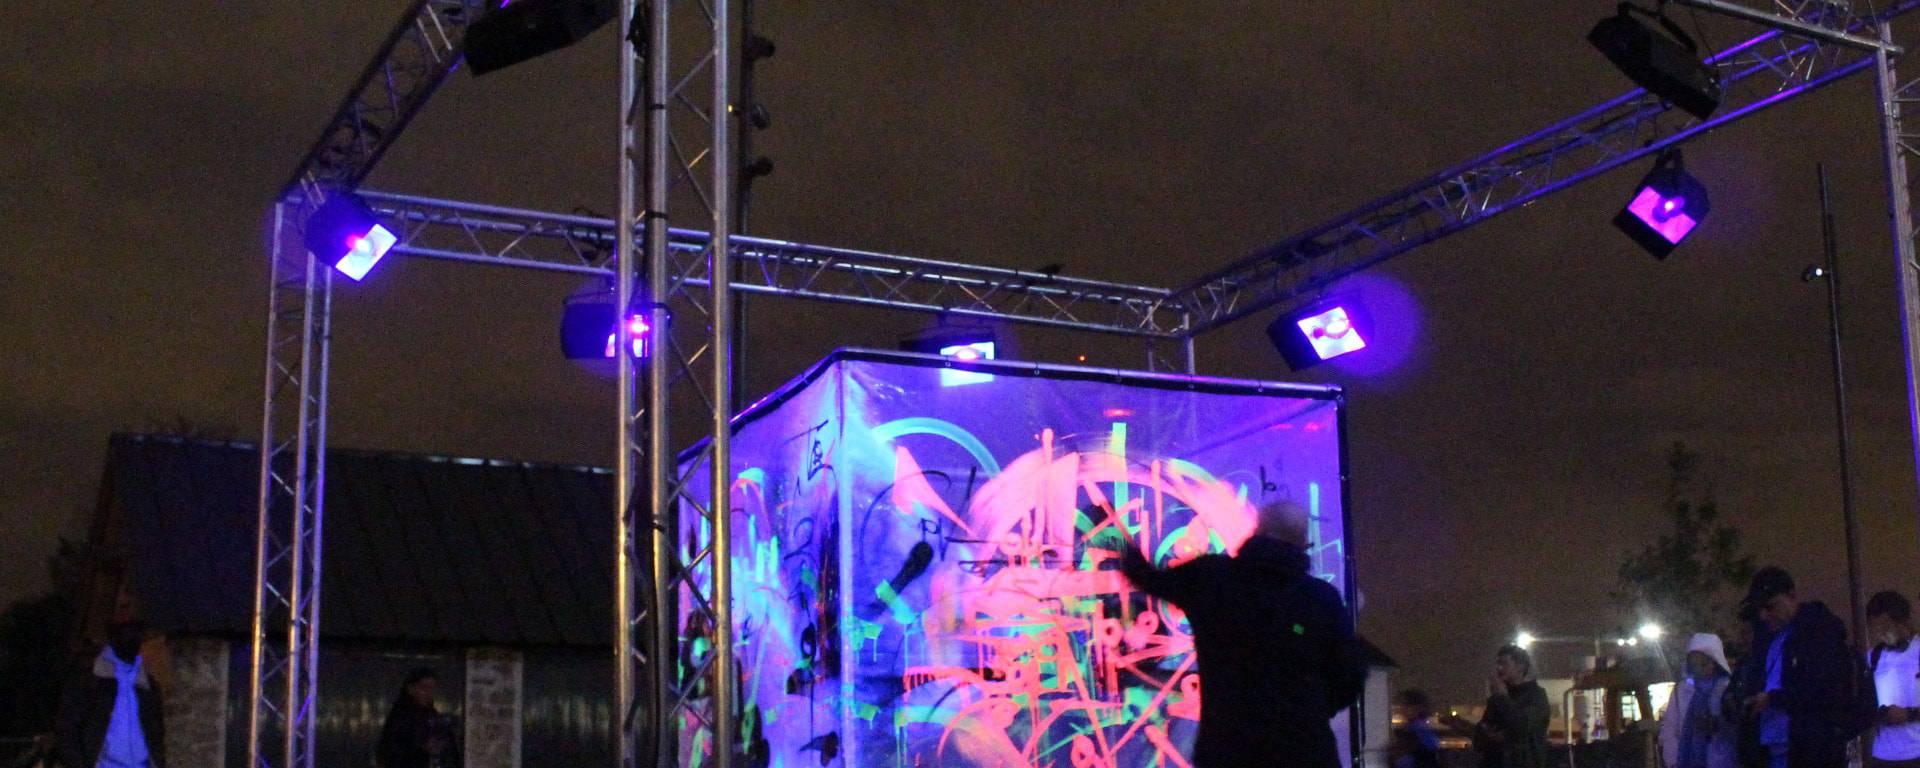 Marko 93 durant la Nuit Blanche 2019 sur le canal Saint-Denis à Aubervilliers © Office de tourisme